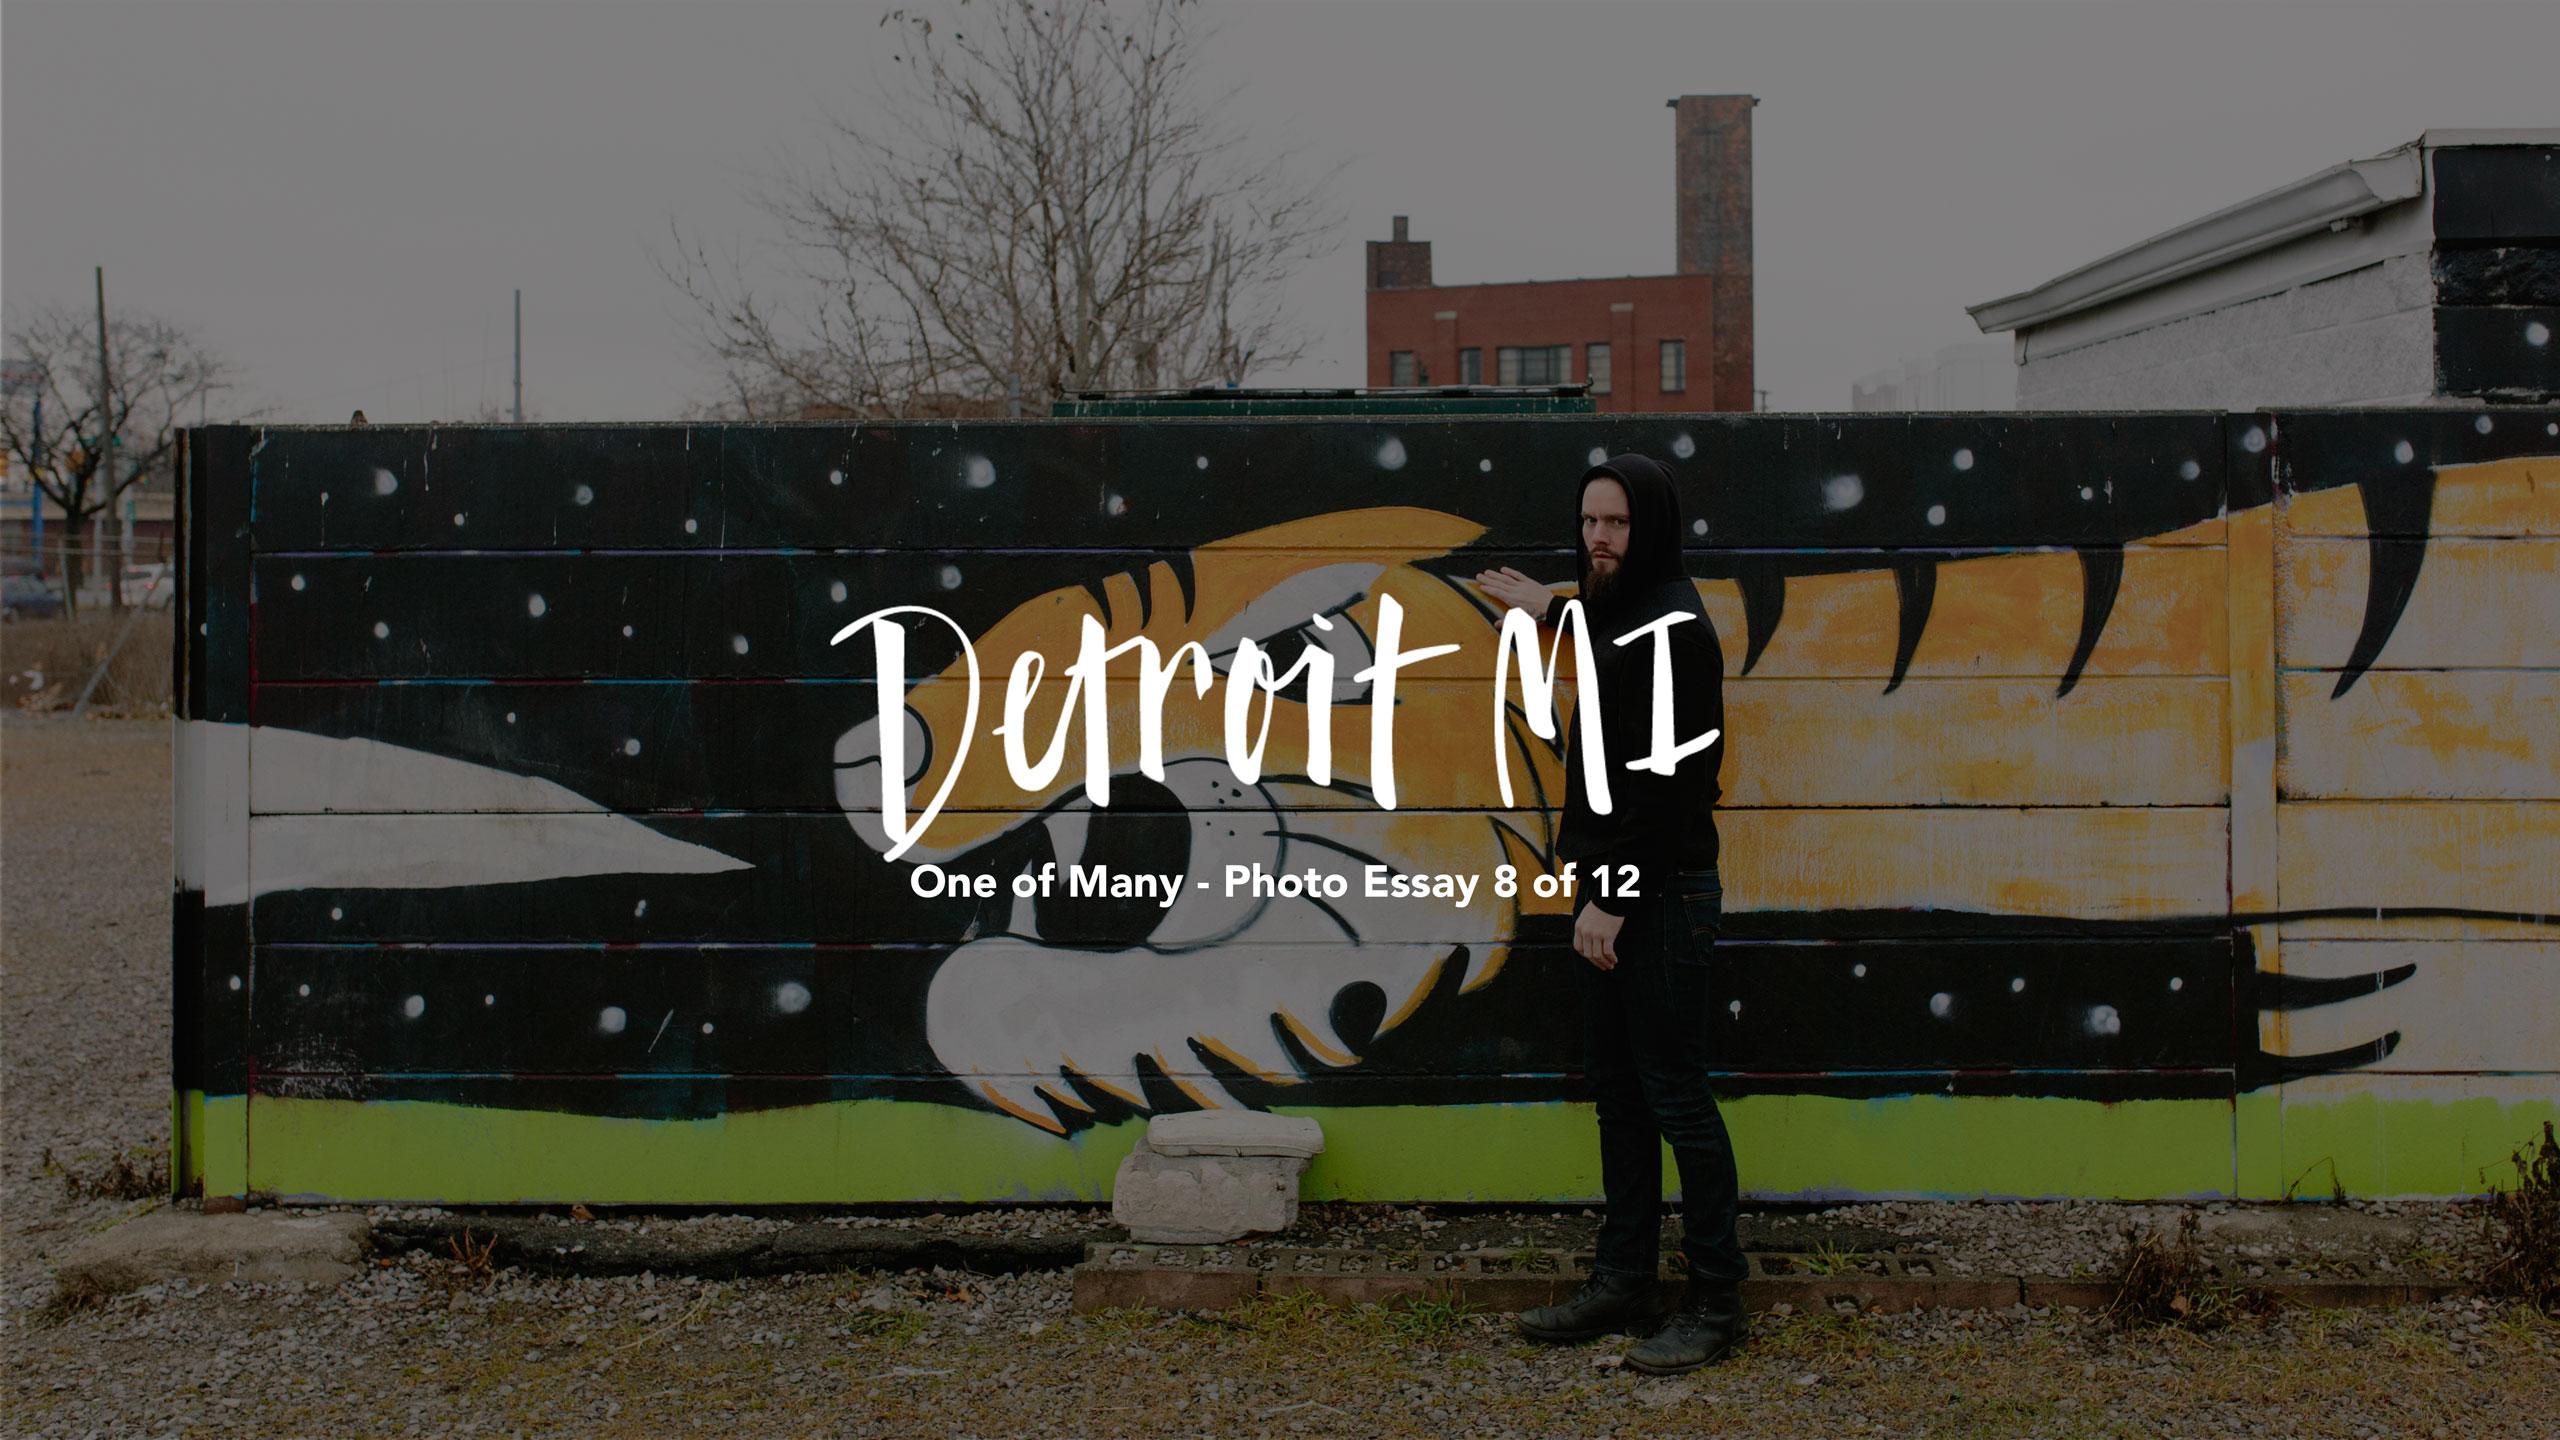 Detroit, MI by Wesley Verhoeve - Exposure